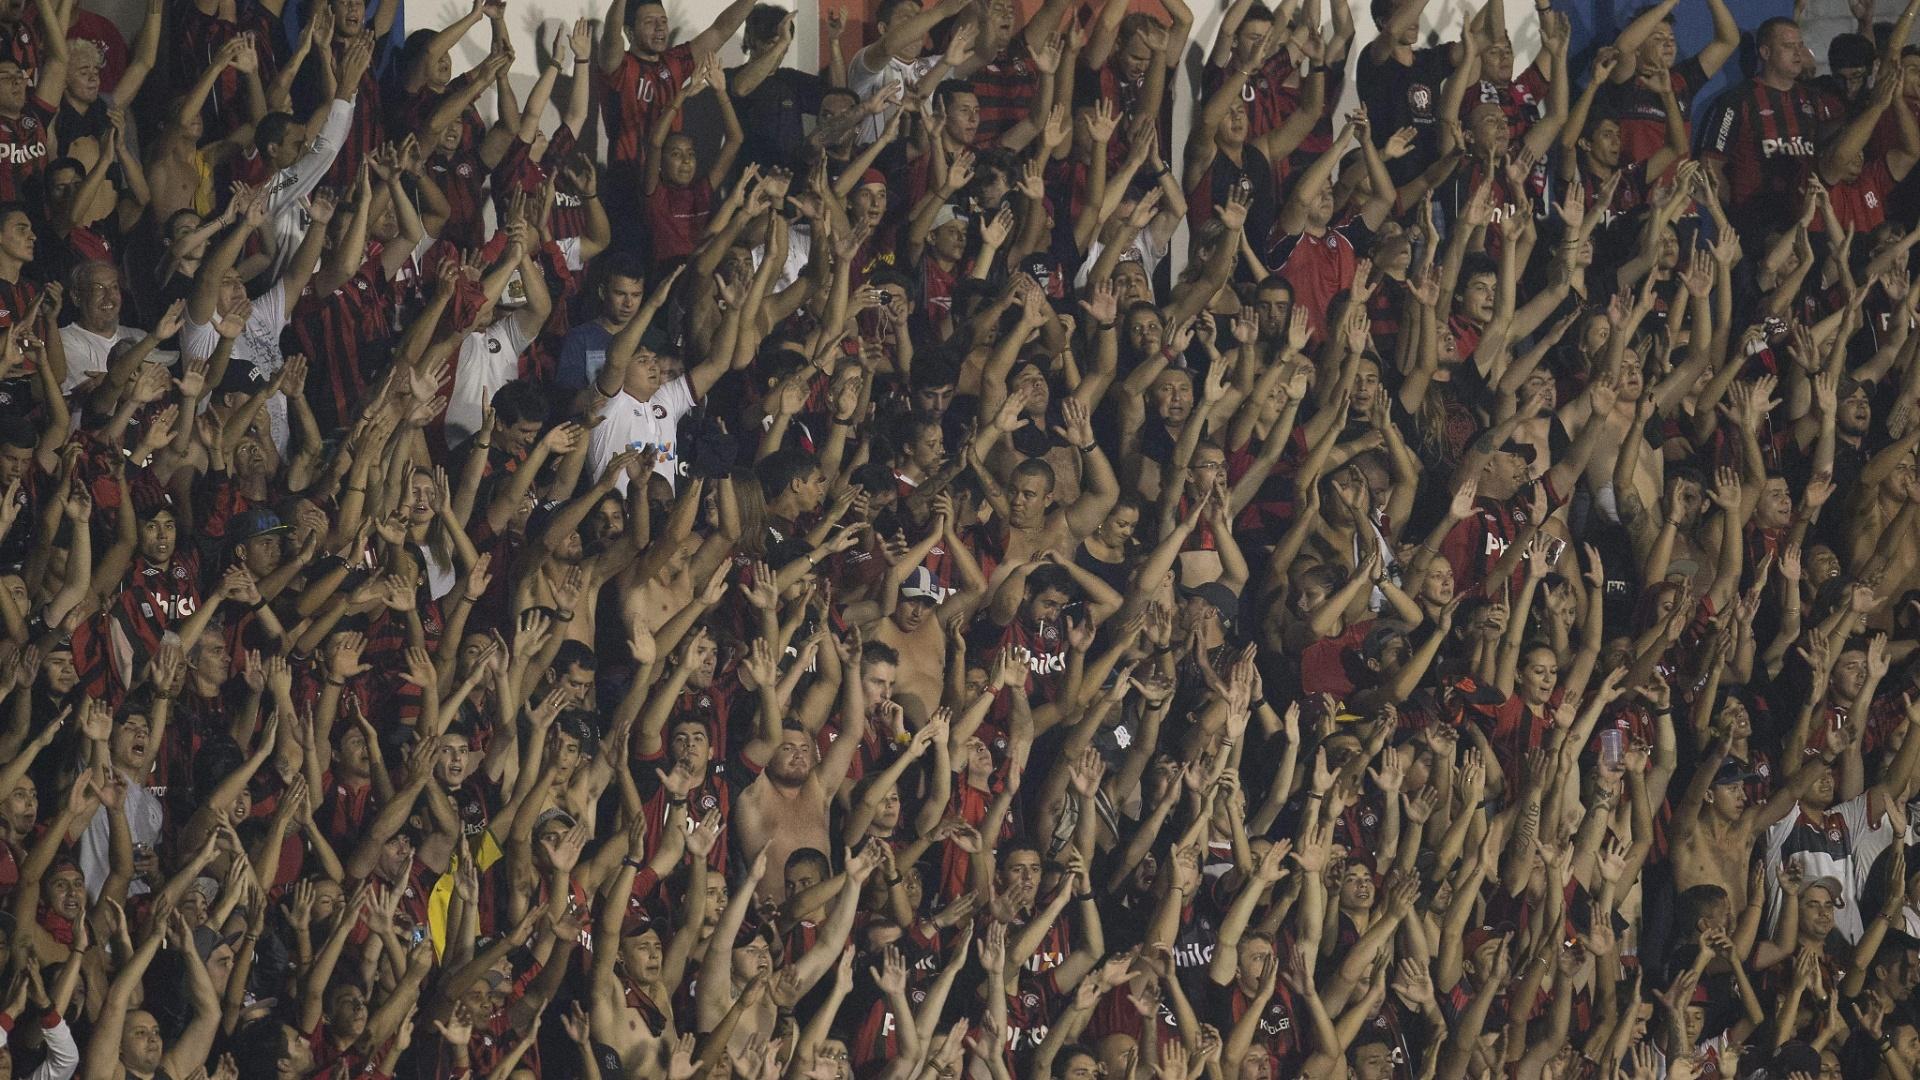 5.fev.2014 - Torcida do Atlético-PR marca presença em grande número na Vila Capanema para a partida contra o Sporting Cristal